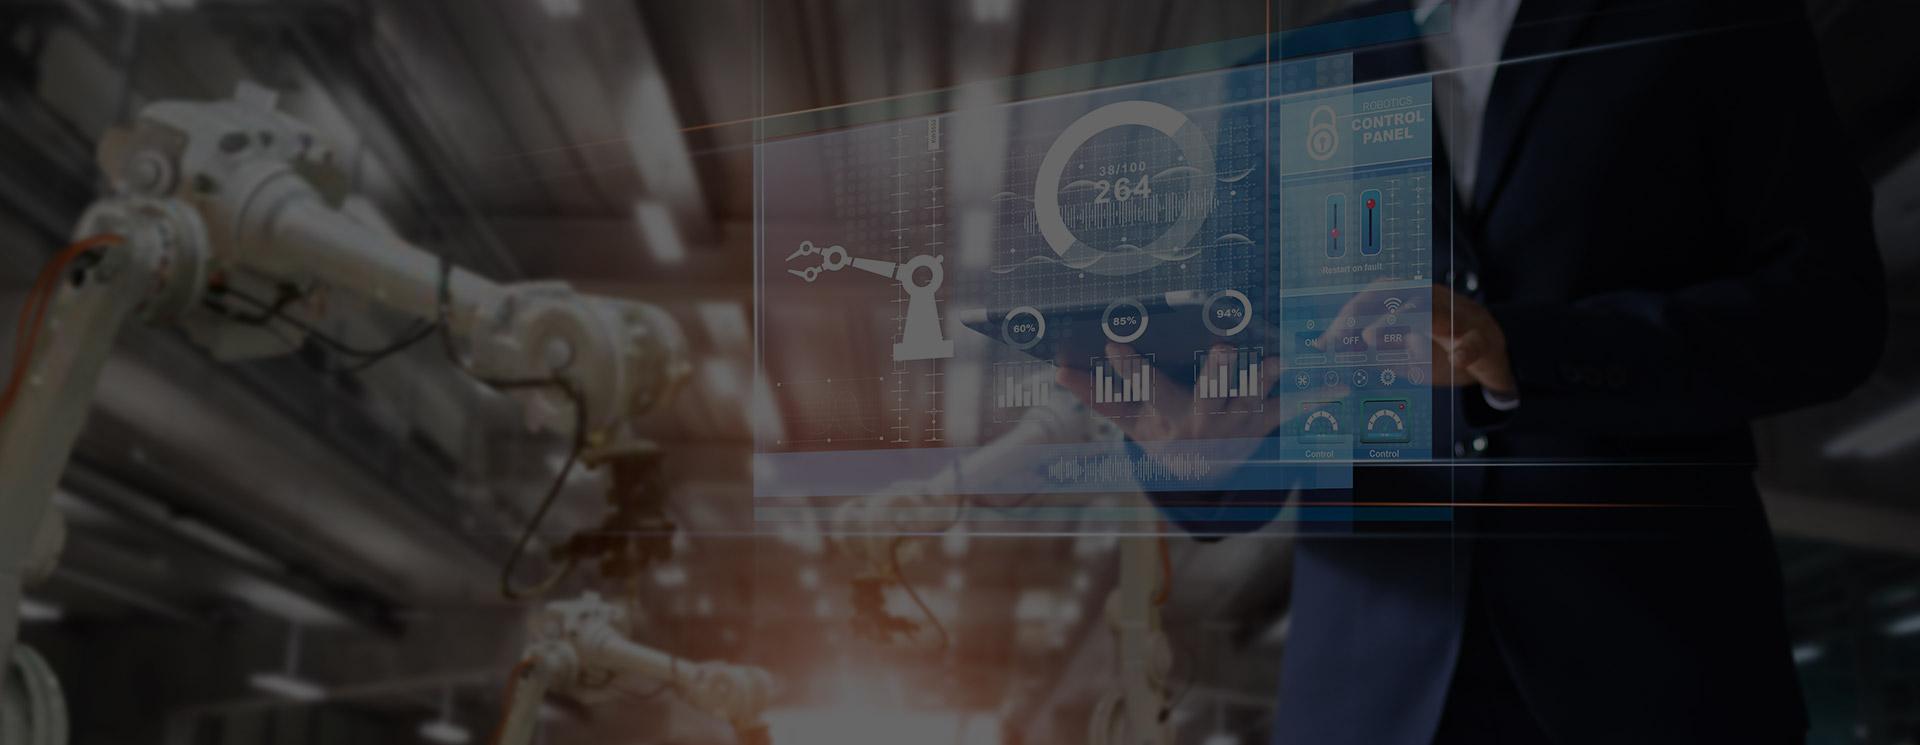 Revamping macchinari industriali